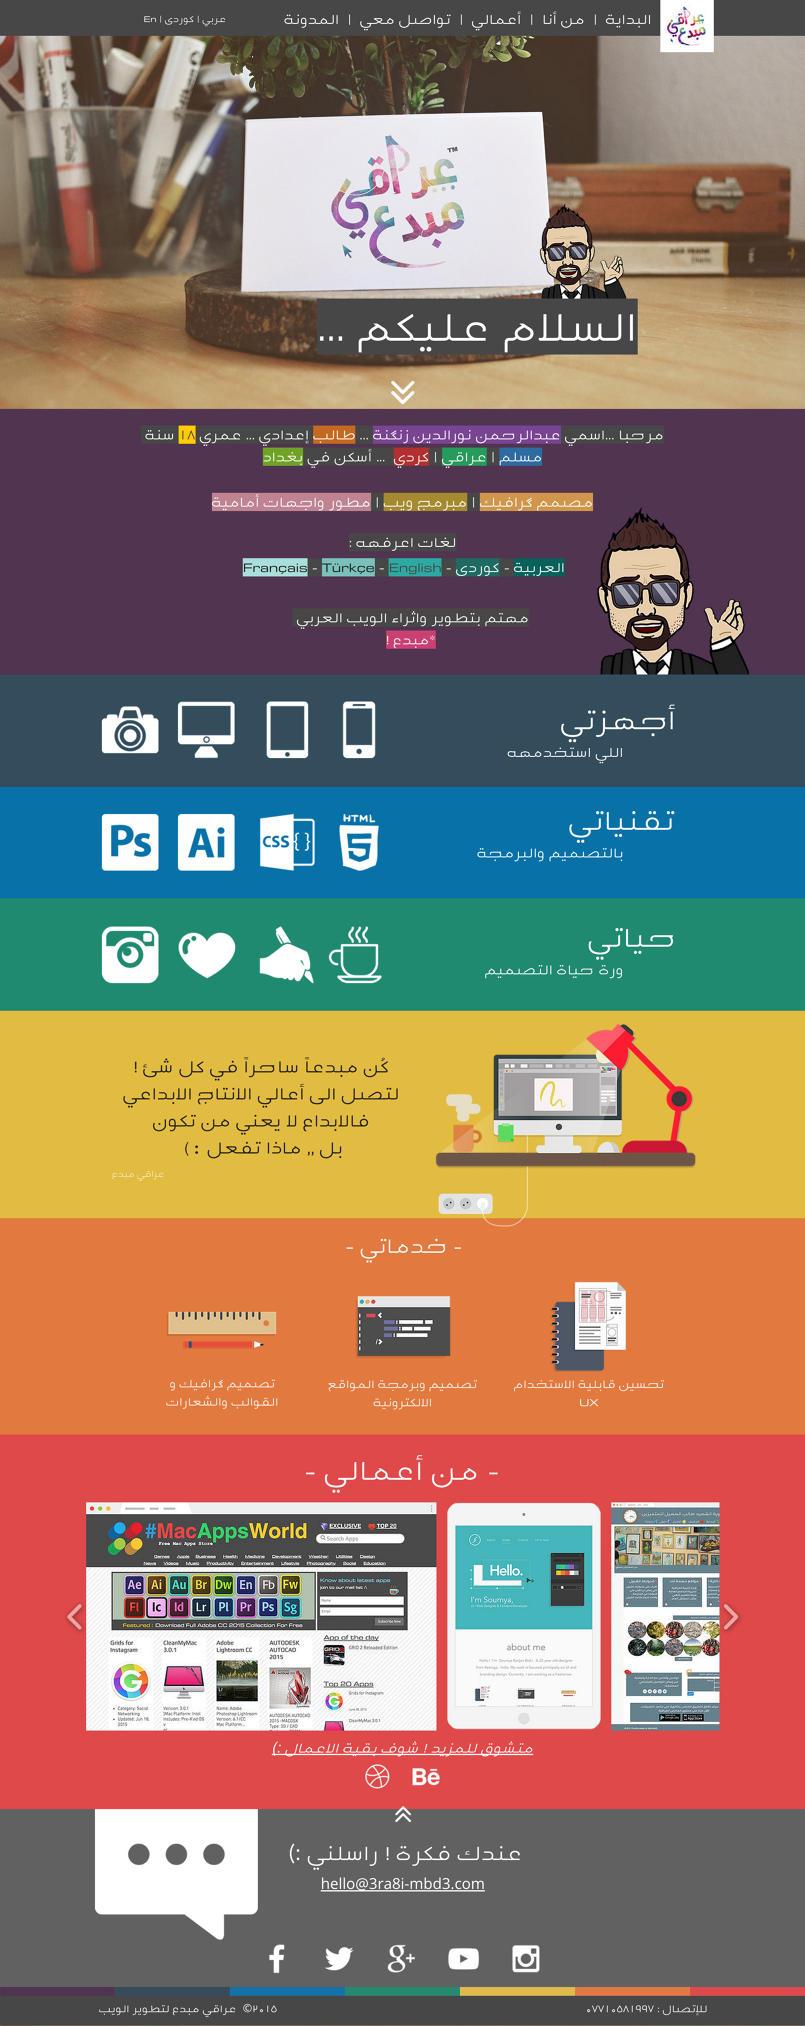 عراقي مبدع